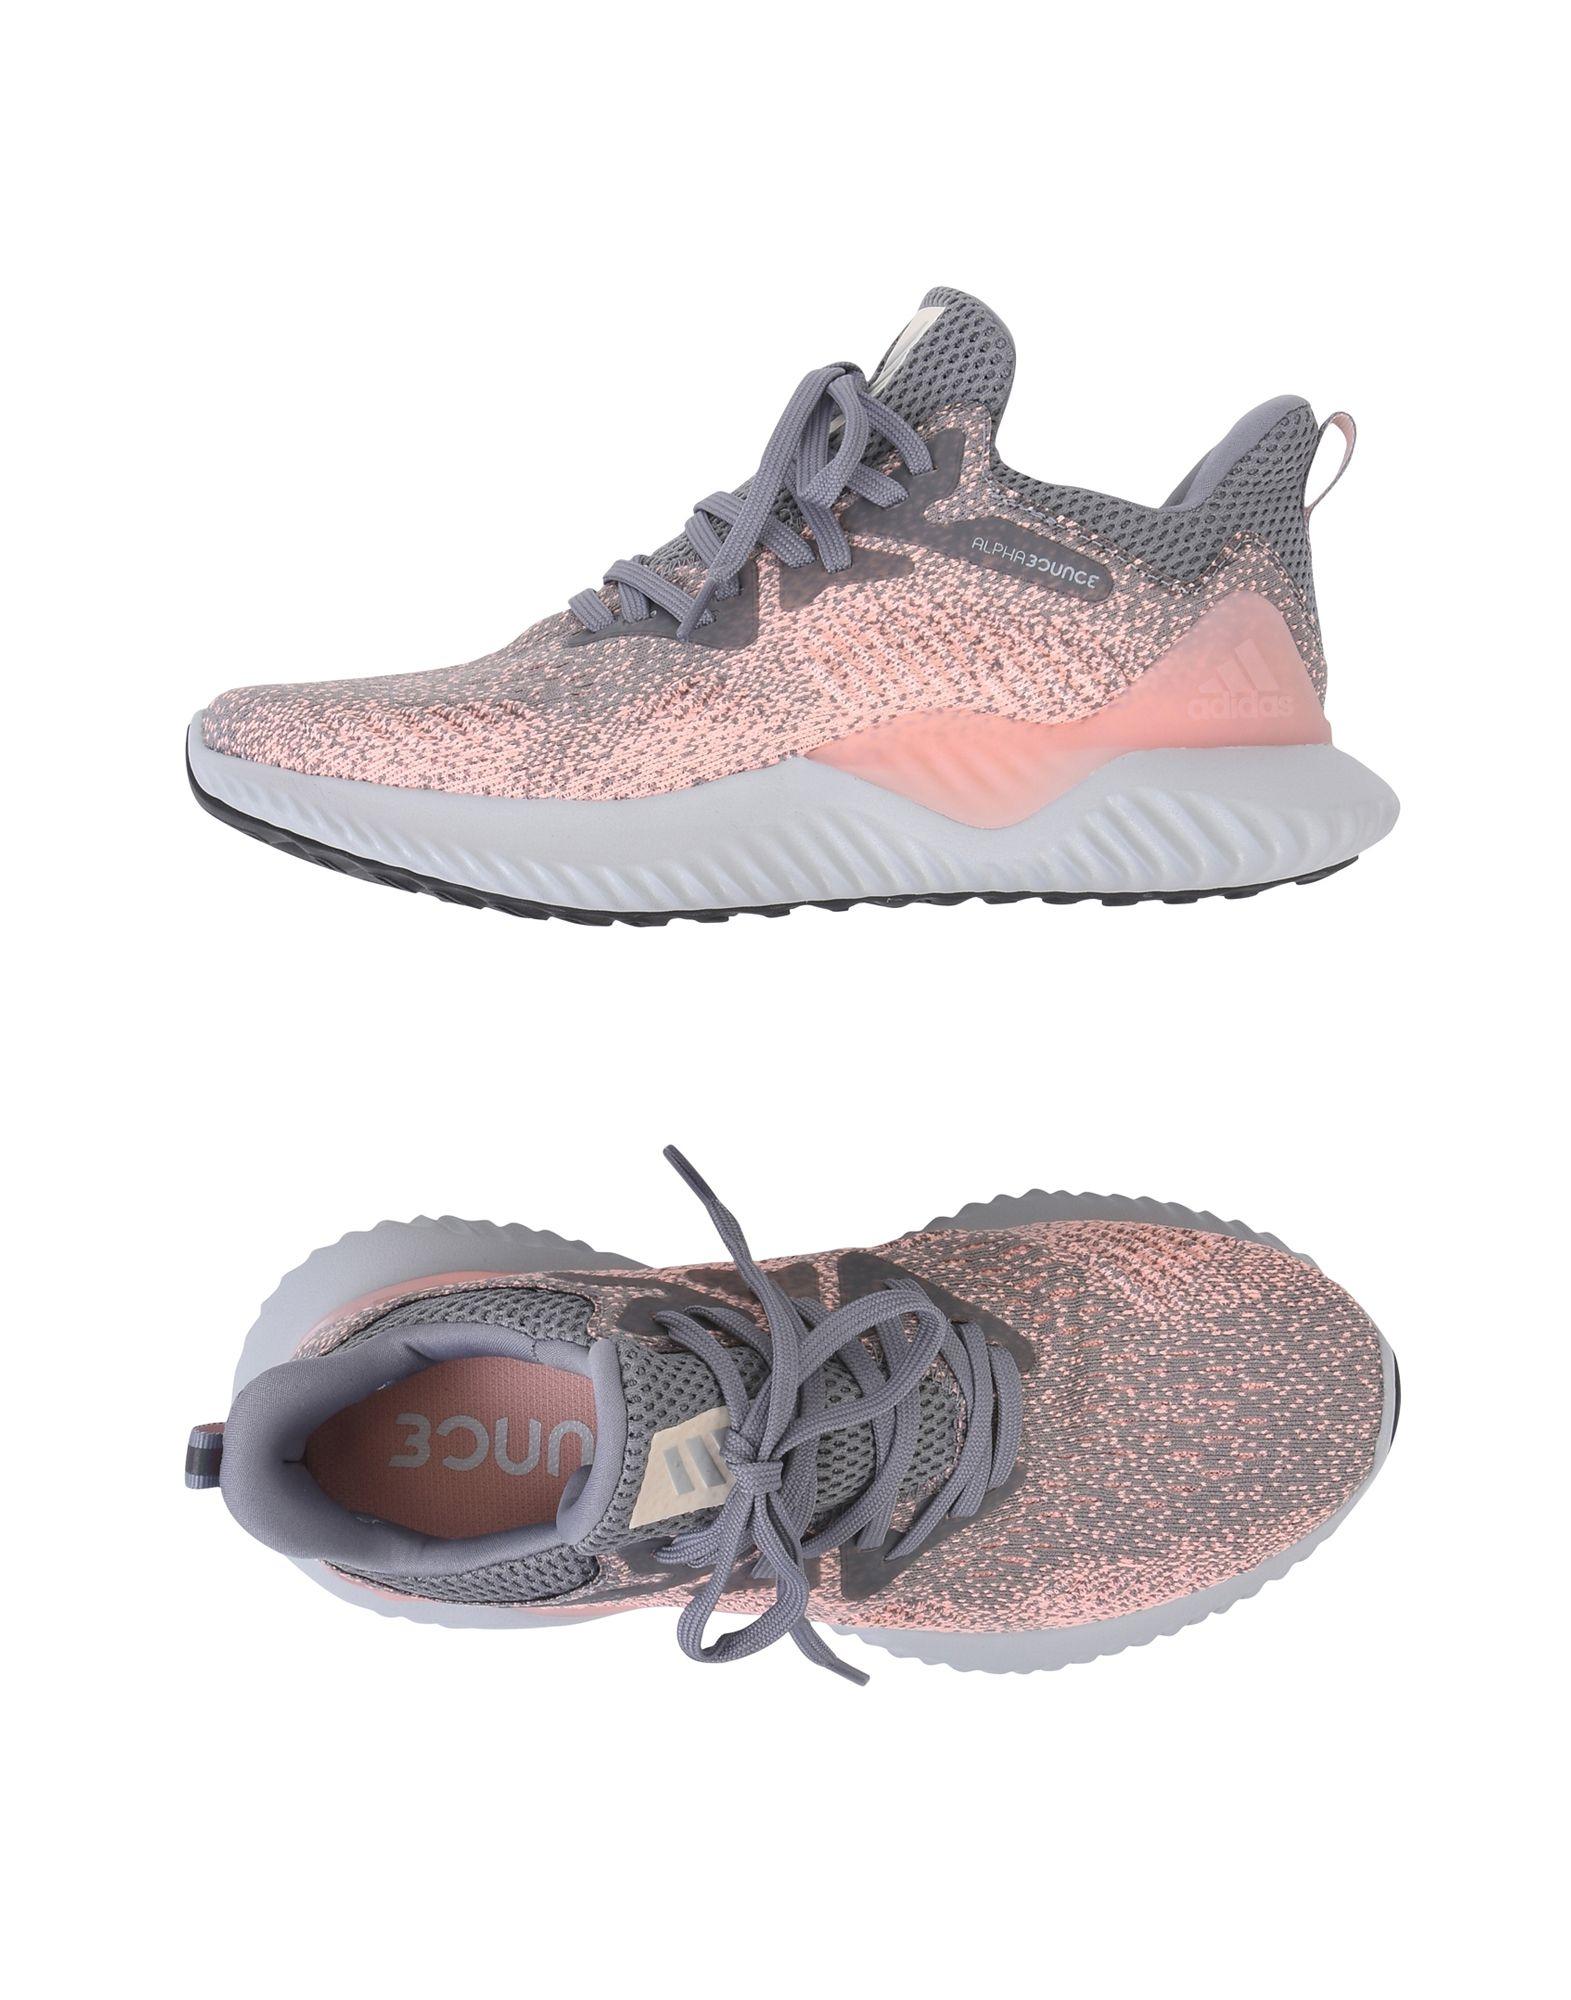 Zapatos de mujer baratos zapatos de Originals mujer Zapatillas Adidas Originals de Alphabounce Beyond - Mujer - Zapatillas Adidas Originals  Gris 882597